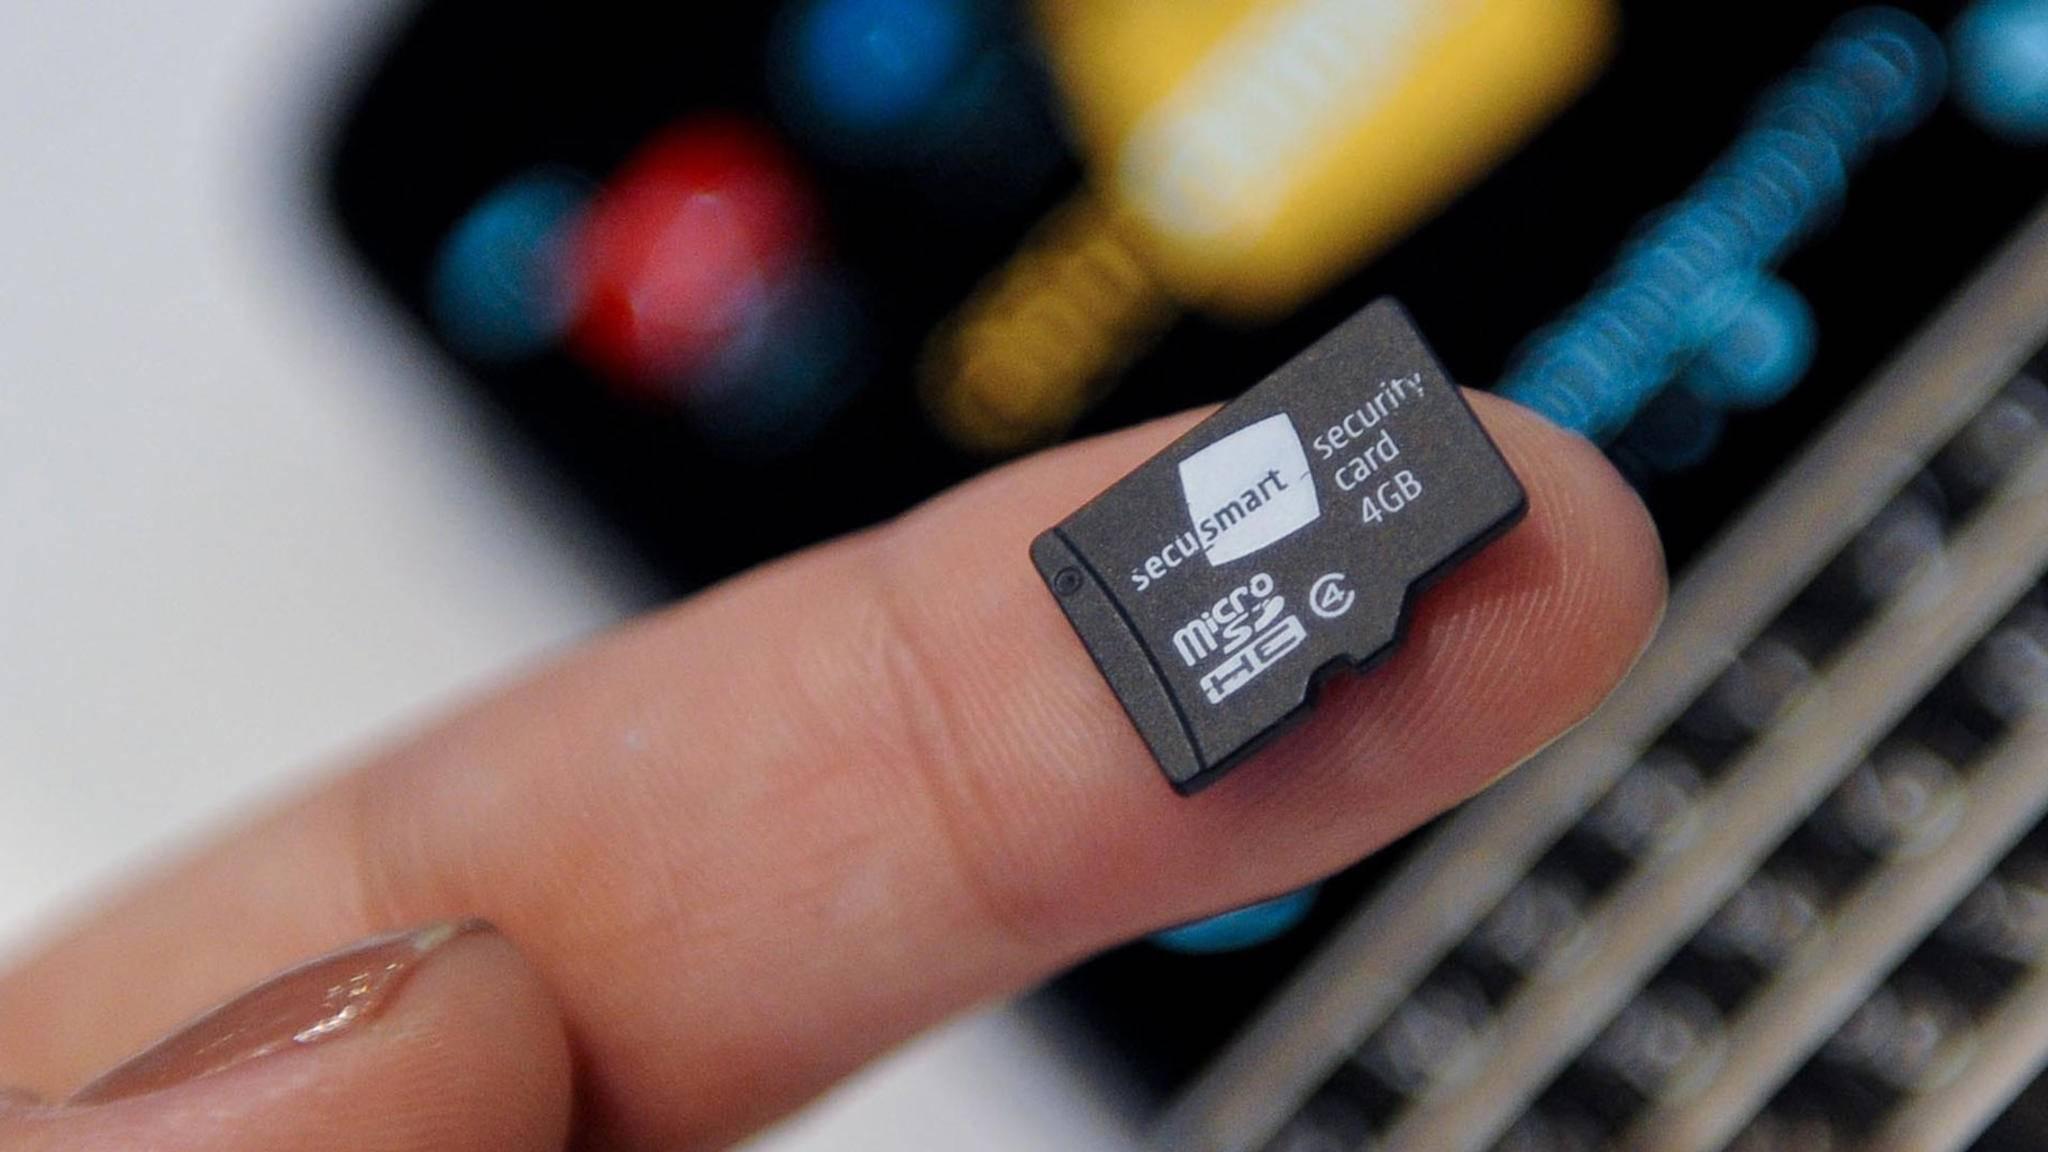 Das kannst Du tun, wenn Dein Smartphone die SD-Karte nicht erkennt.